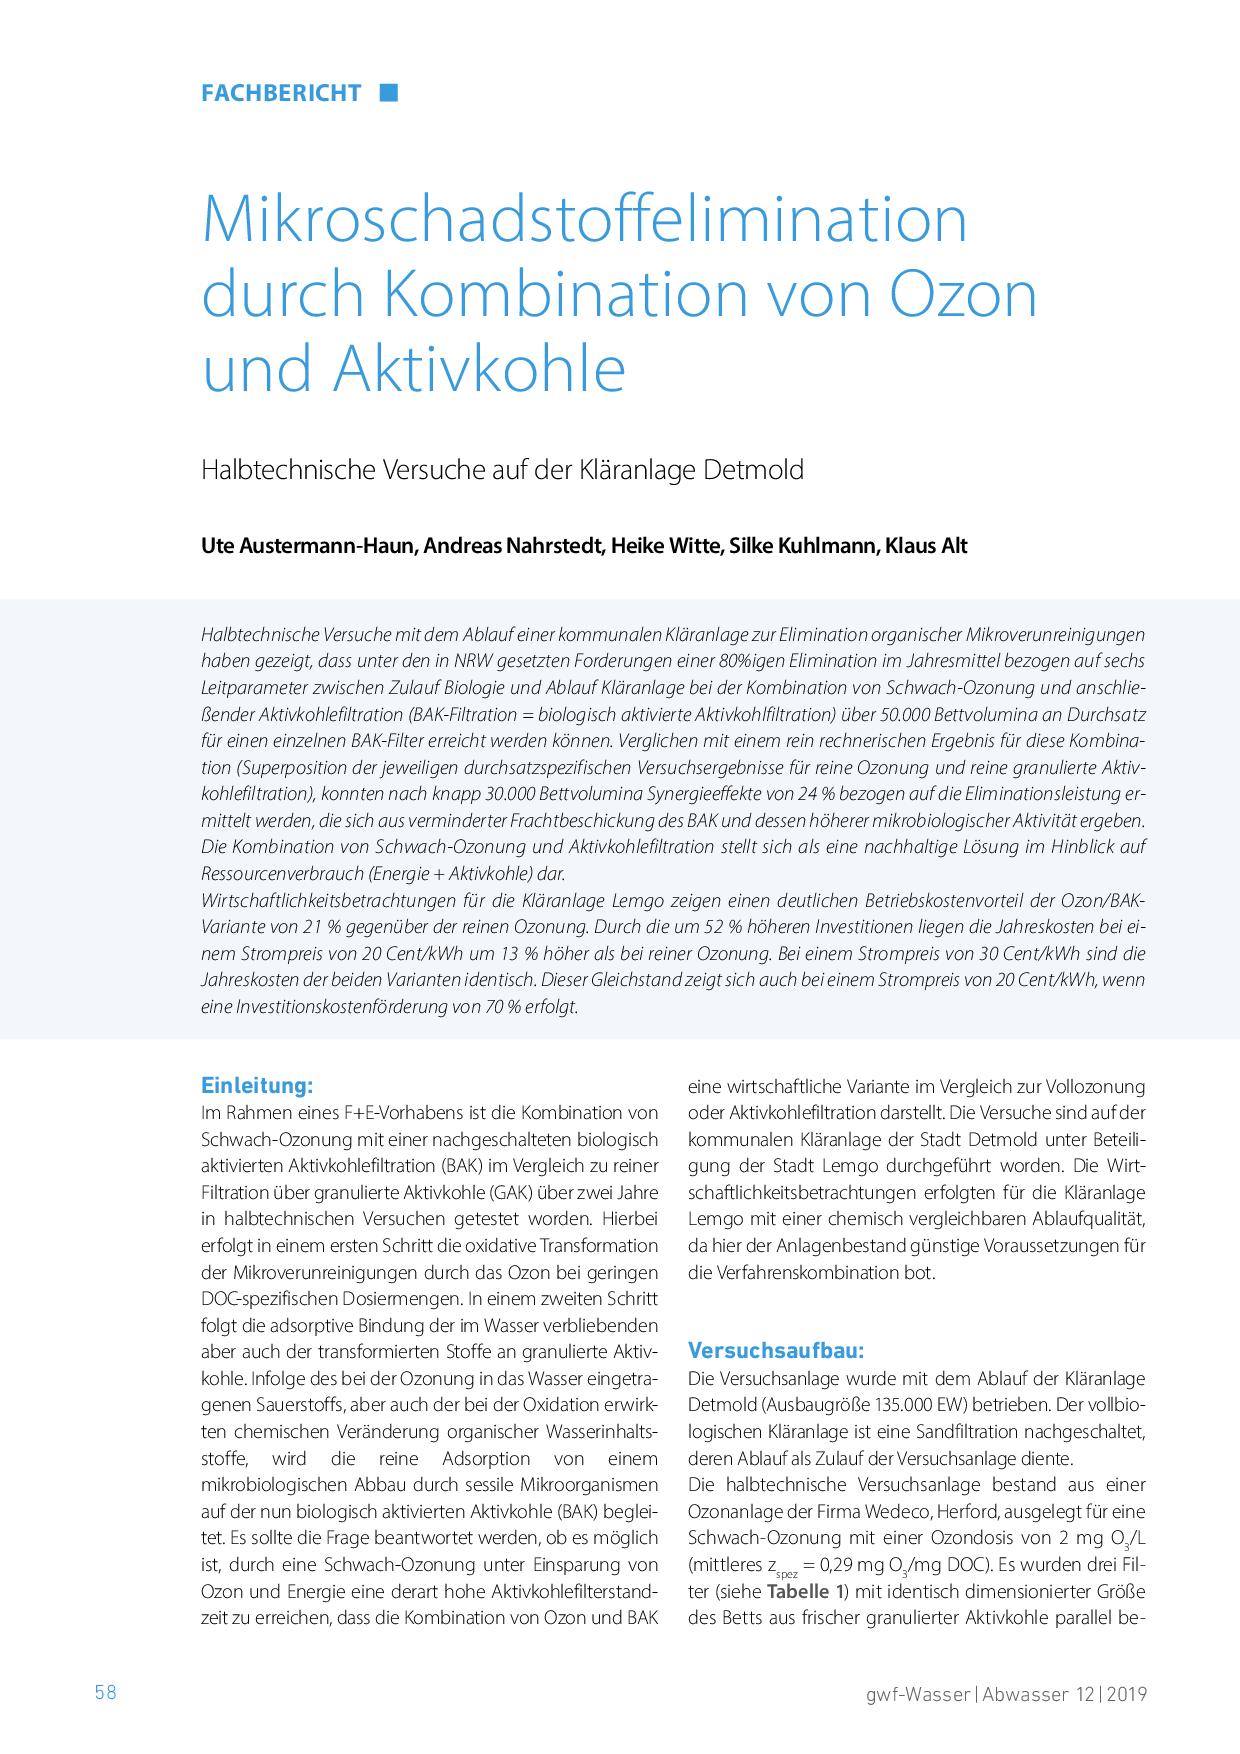 Mikroschadstoffelimination durch Kombination von Ozon und Aktivkohle